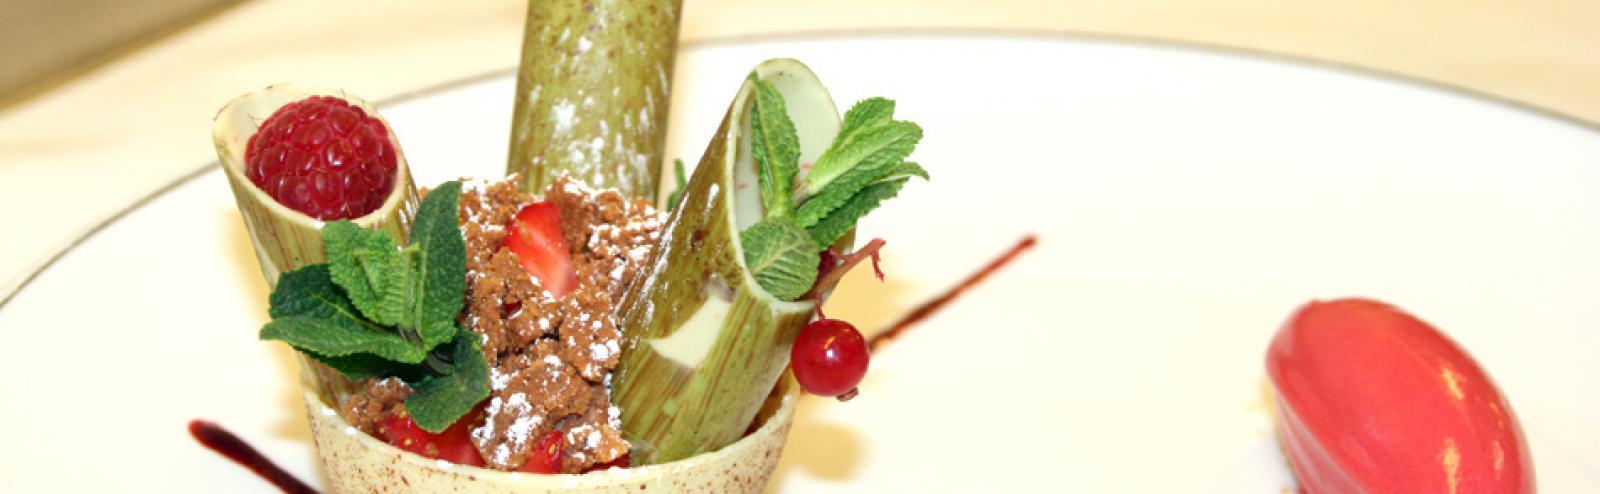 Dessert de Pâques 2012 - Restaurant Saveurs, Plaisir et Santé Vichy Spa Hôtel